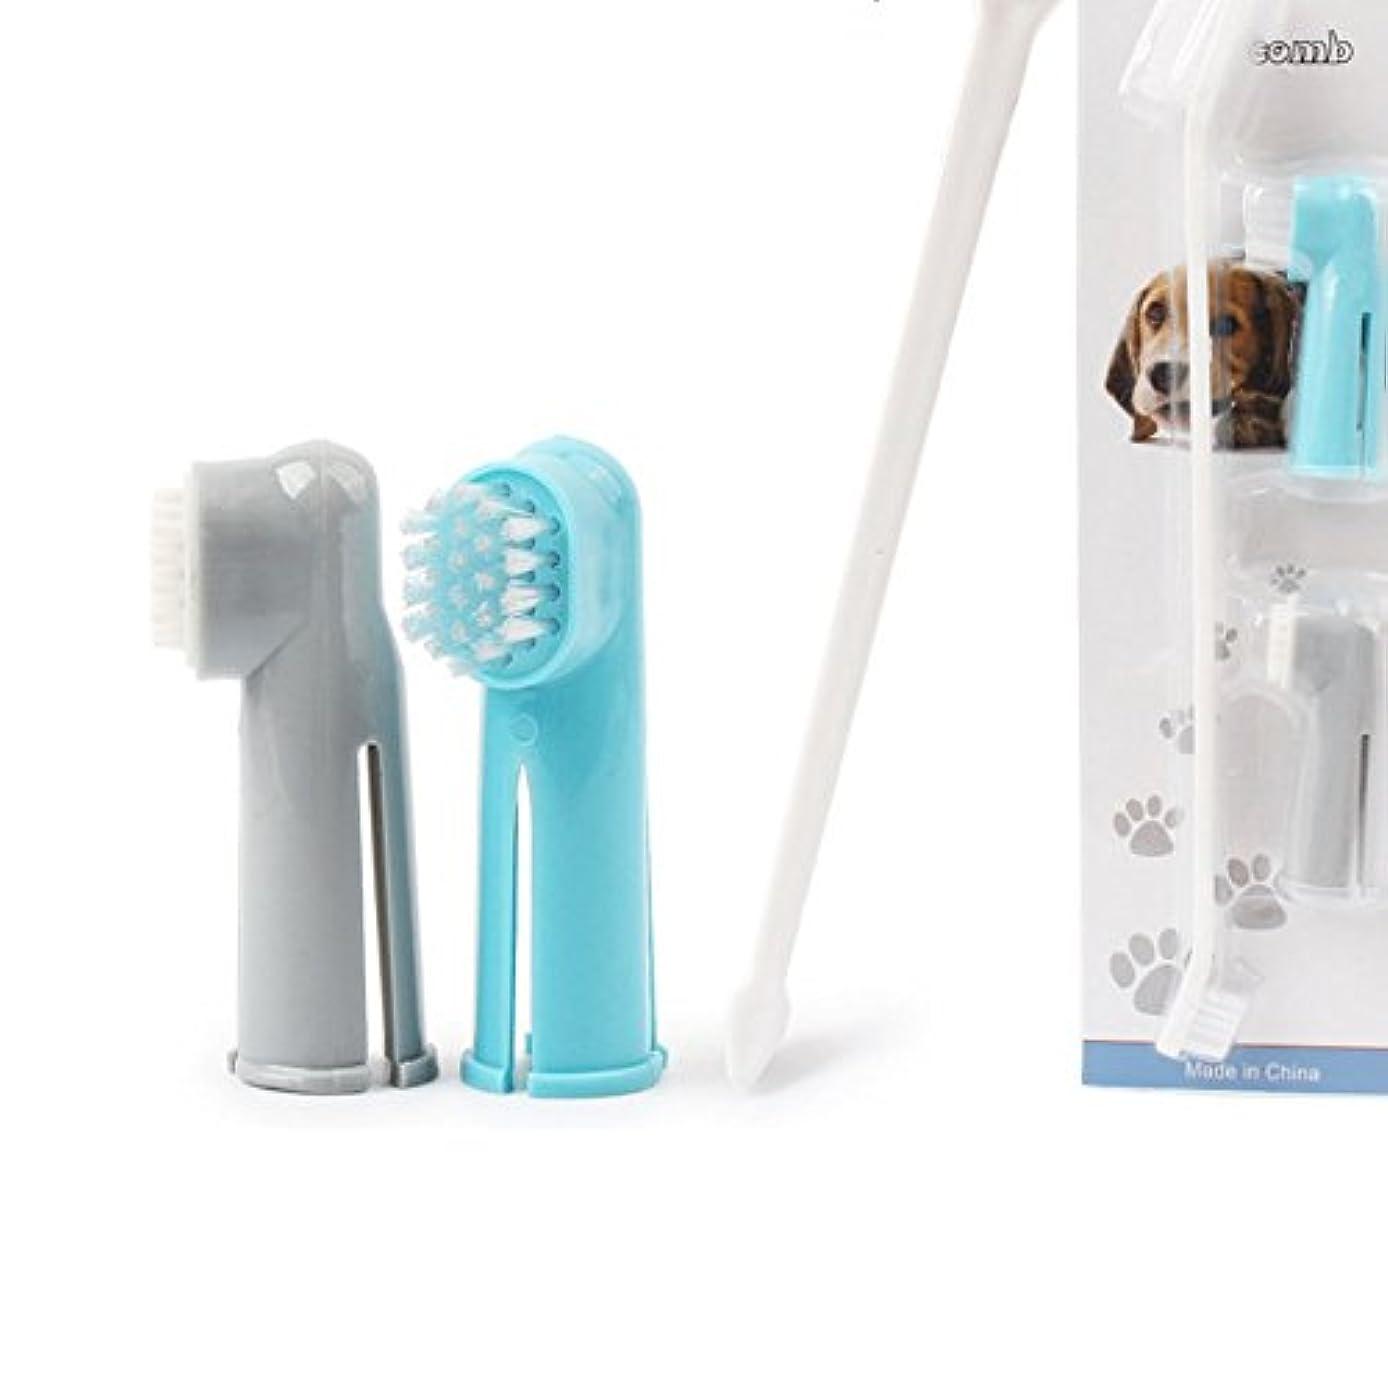 森海岸マージンBartram 指歯 ブラシ 犬猫用歯ブラシ 歯磨き フィンガータイプ ソフト フィンガータイプ デンタルケア 3ピースセット